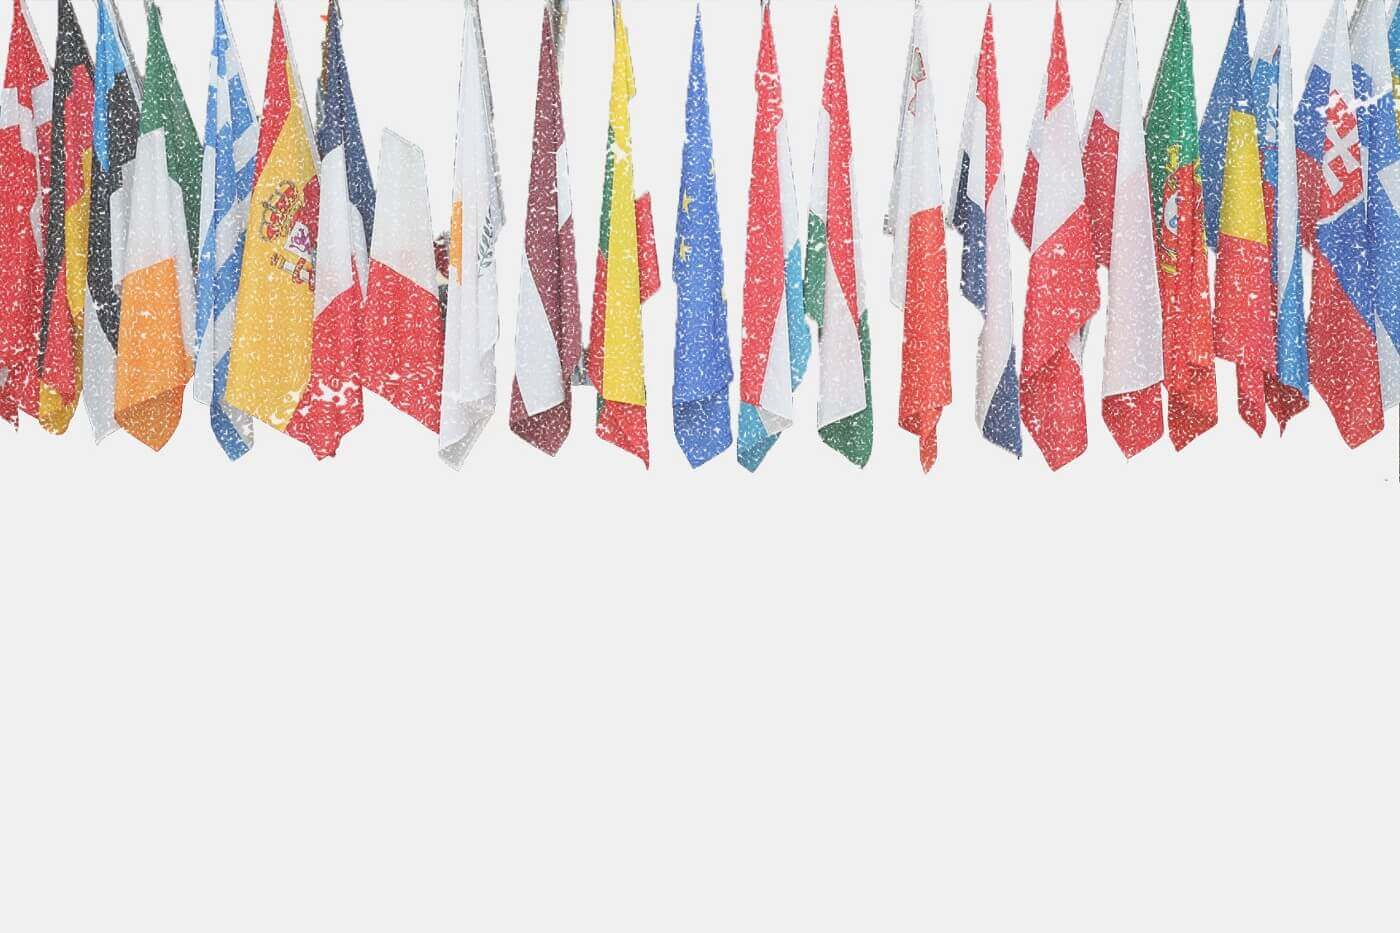 Darstellung der Nationalflaggen aus der europäischen Union